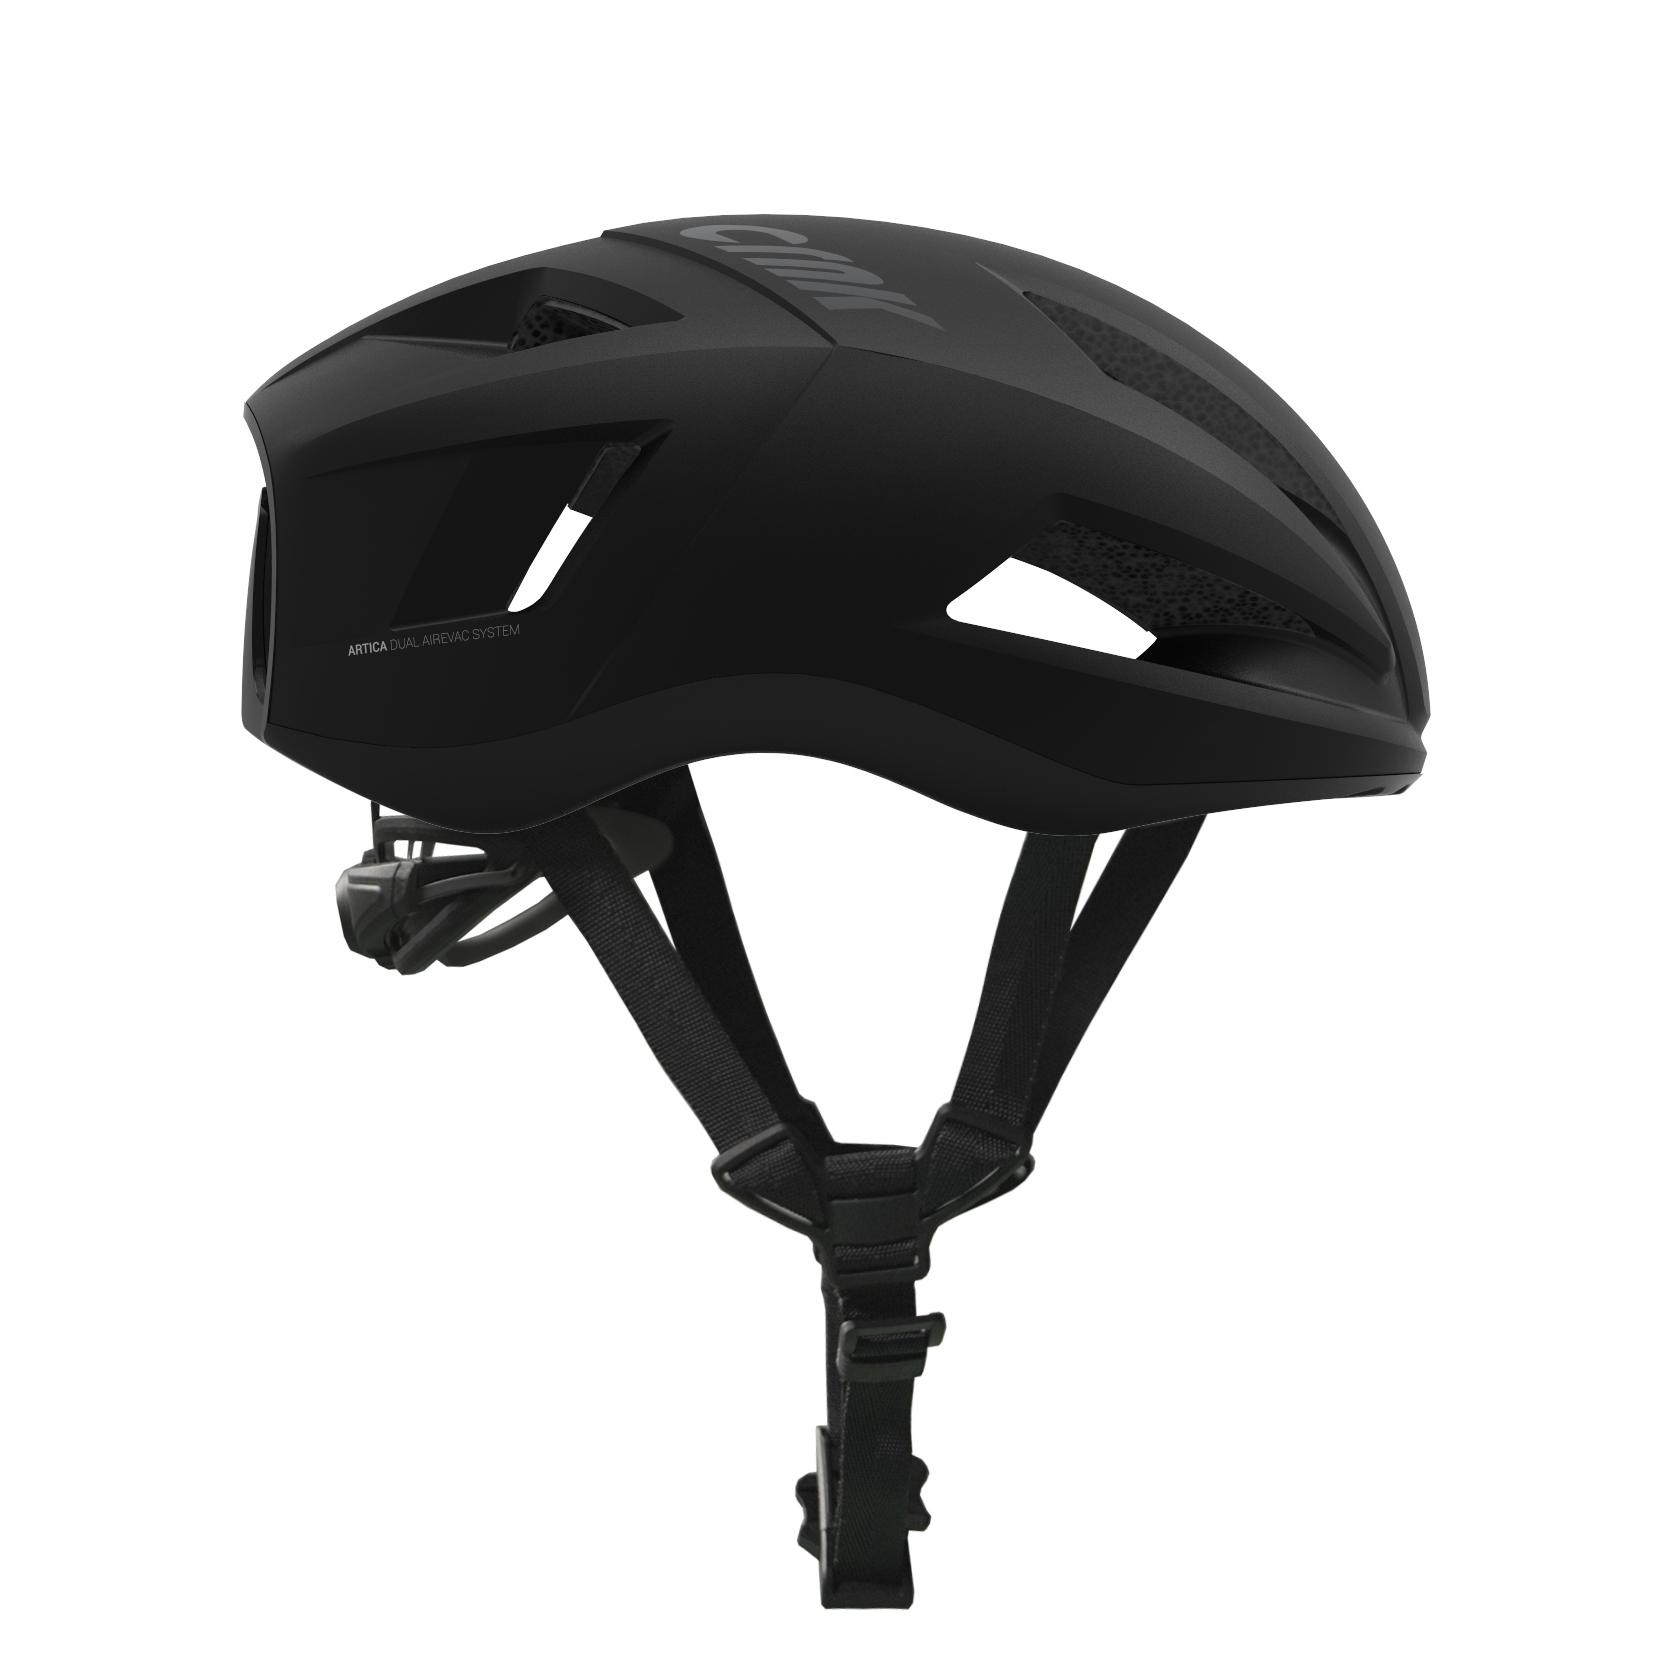 크랭크 ARTICA 자전거 헬멧, Black